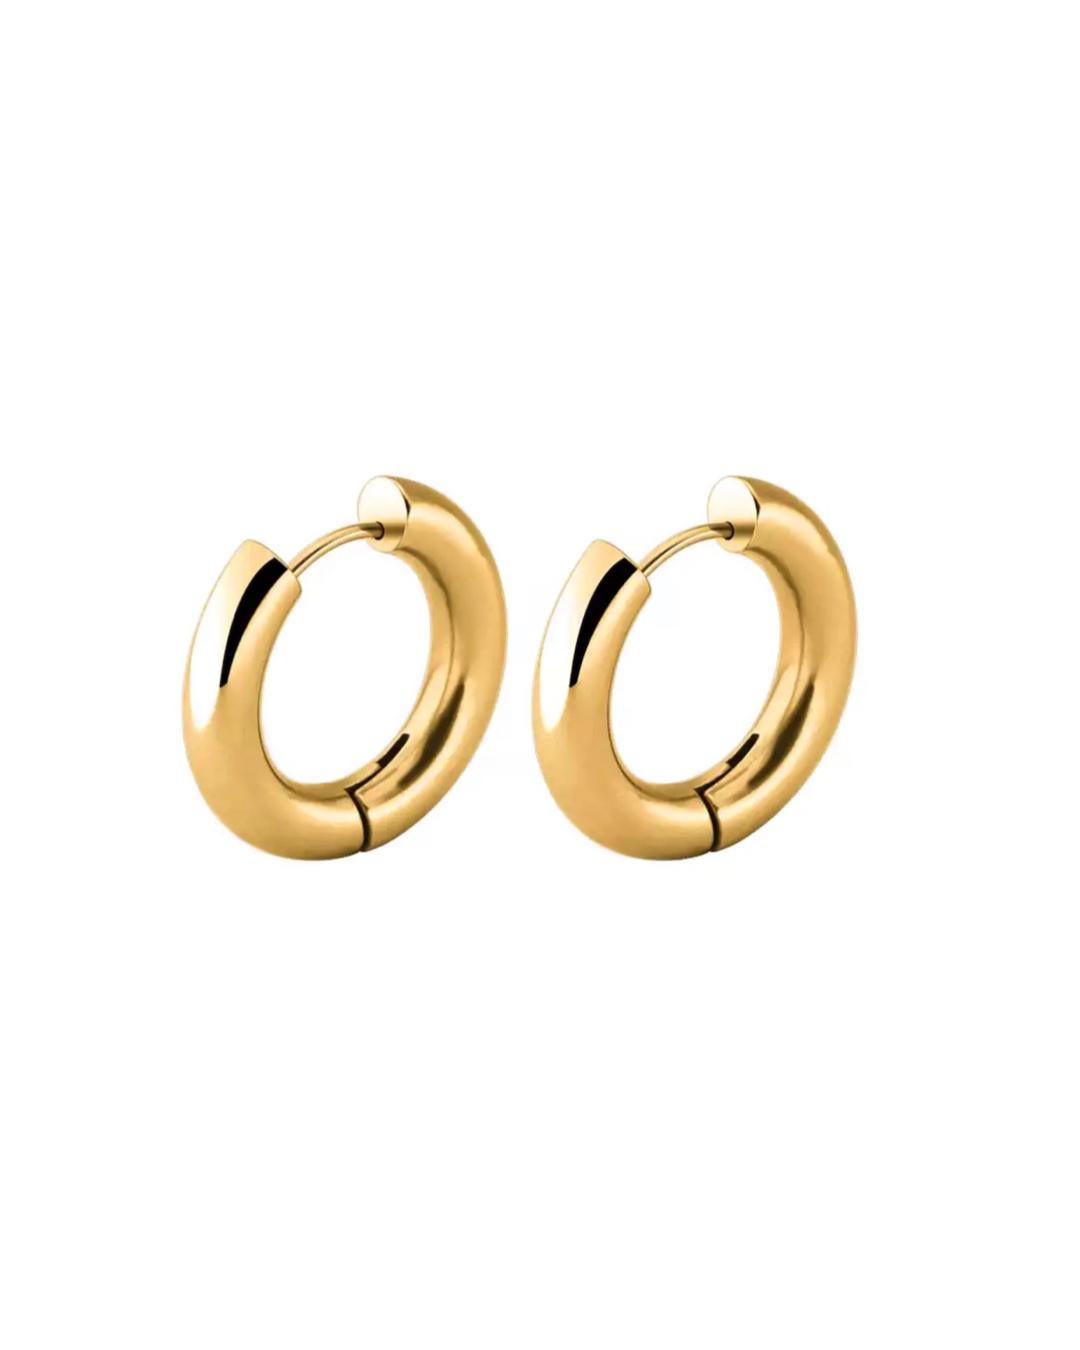 ВЫБРАТЬ объёмные кольца